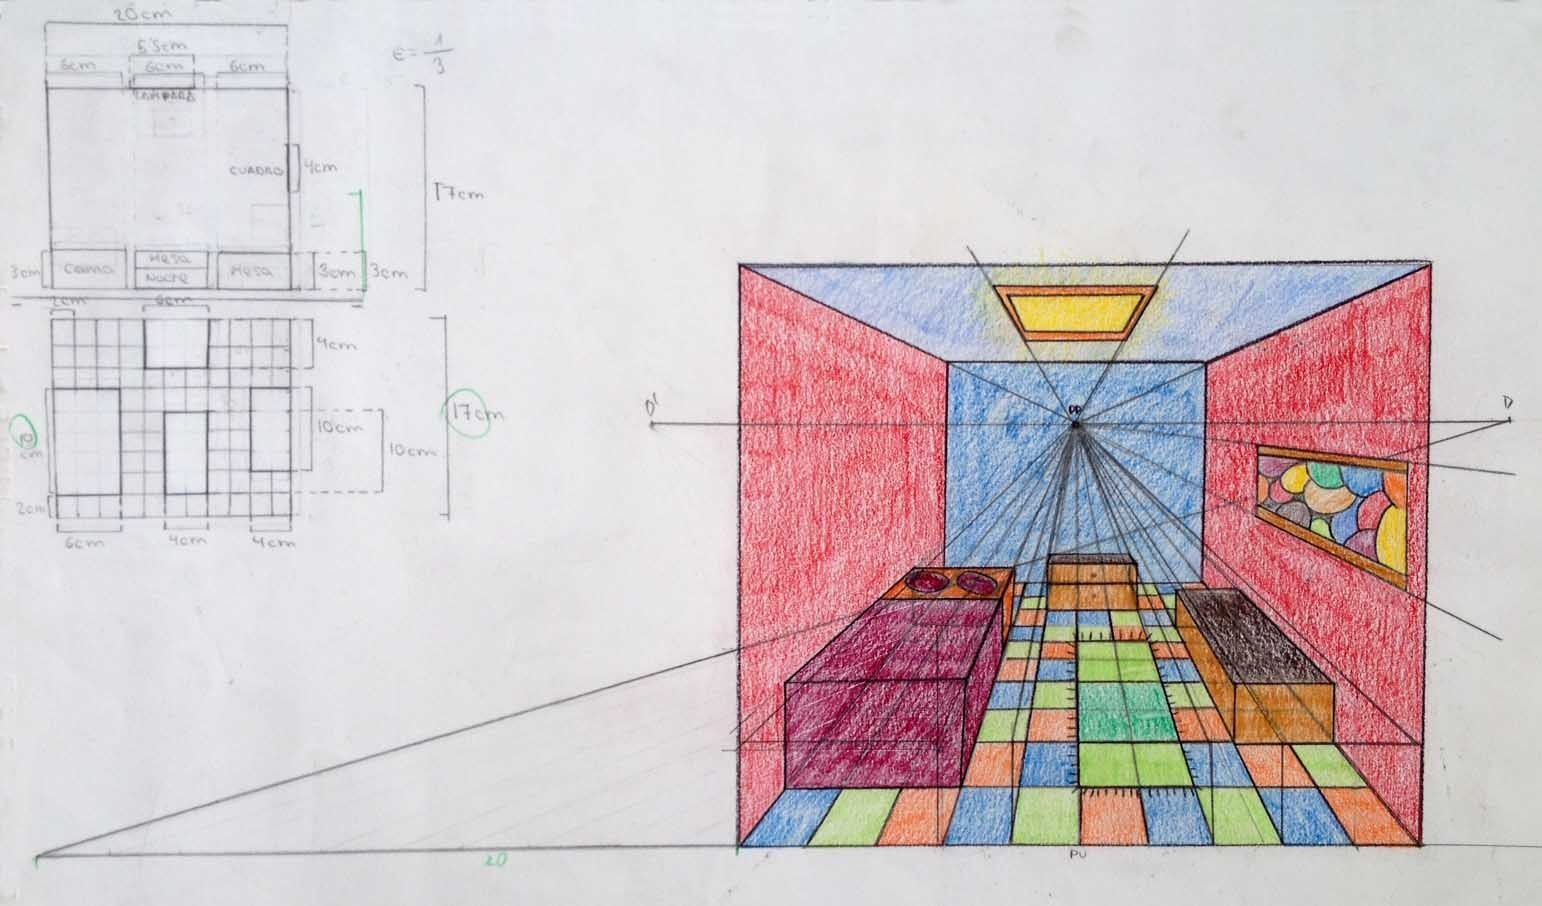 Habitacion En Perspectiva Conica Frontal